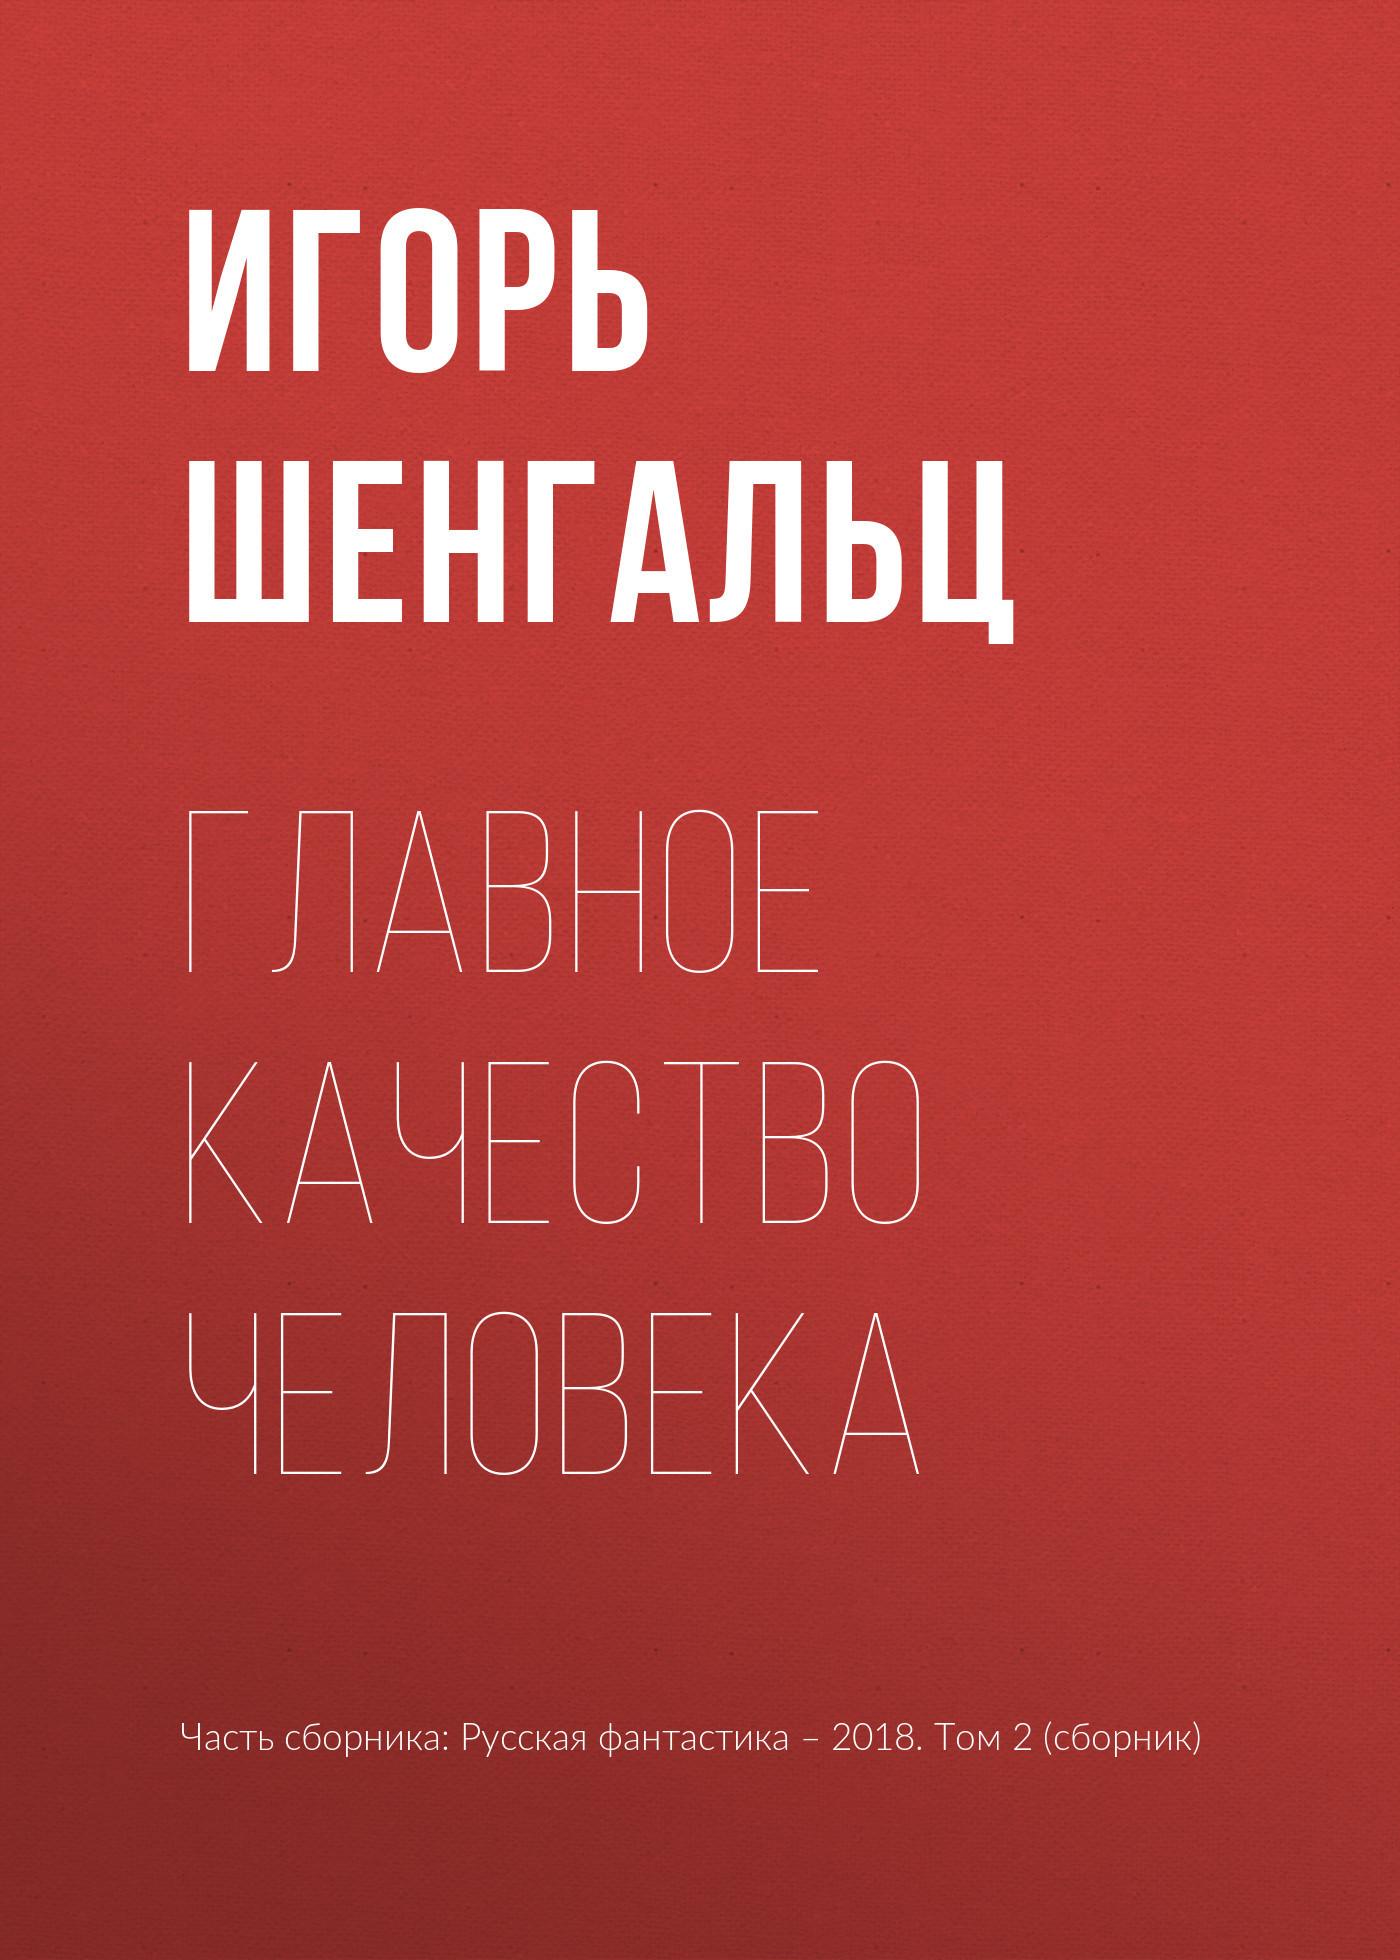 Книга притягивает взоры 38/93/66/38936633.bin.dir/38936633.cover.jpg обложка